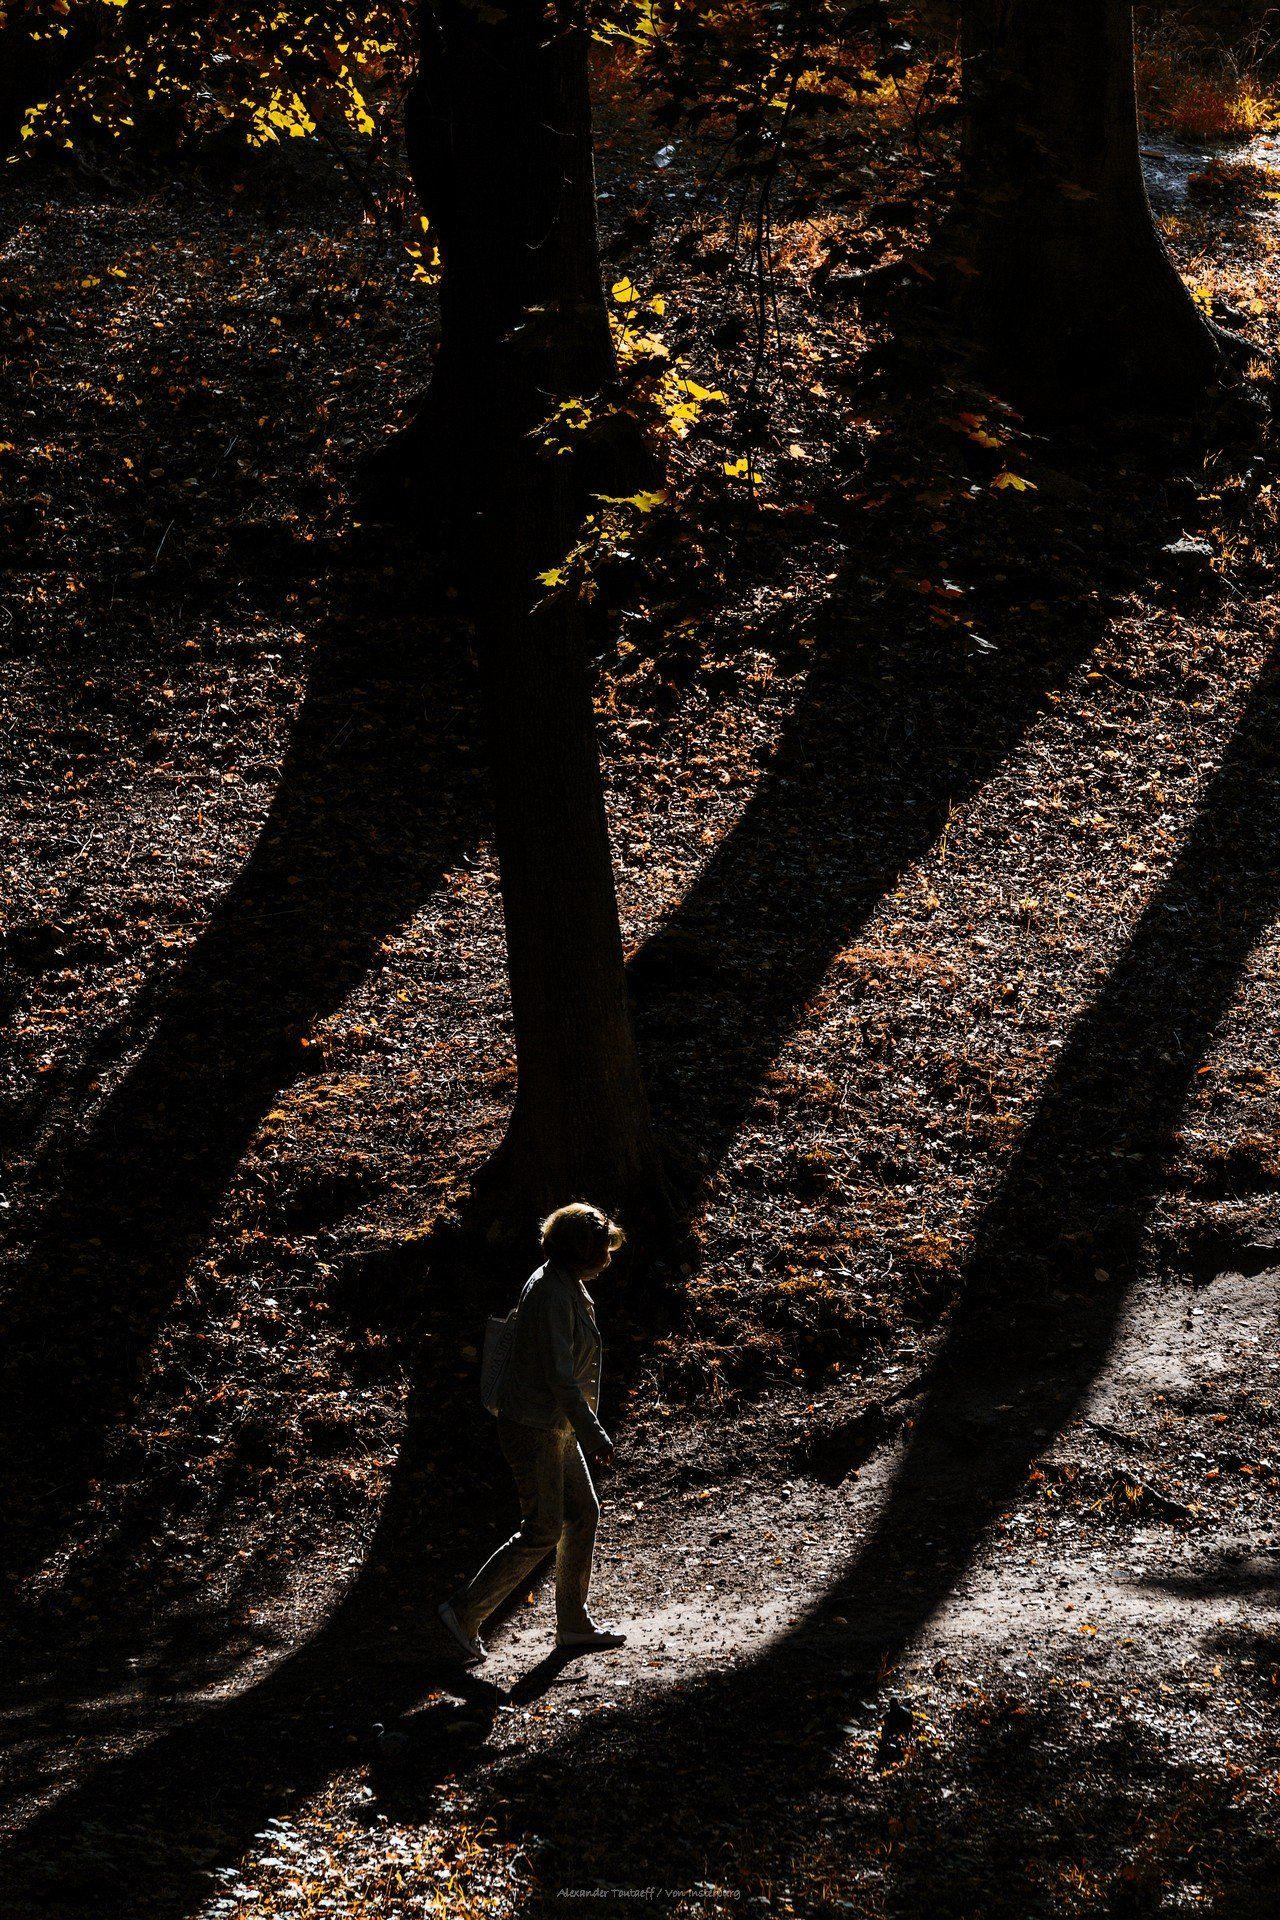 Люди, город, улица, жанр, свет, тени, человек, деревья, парк, осень, , АлександрТутаев